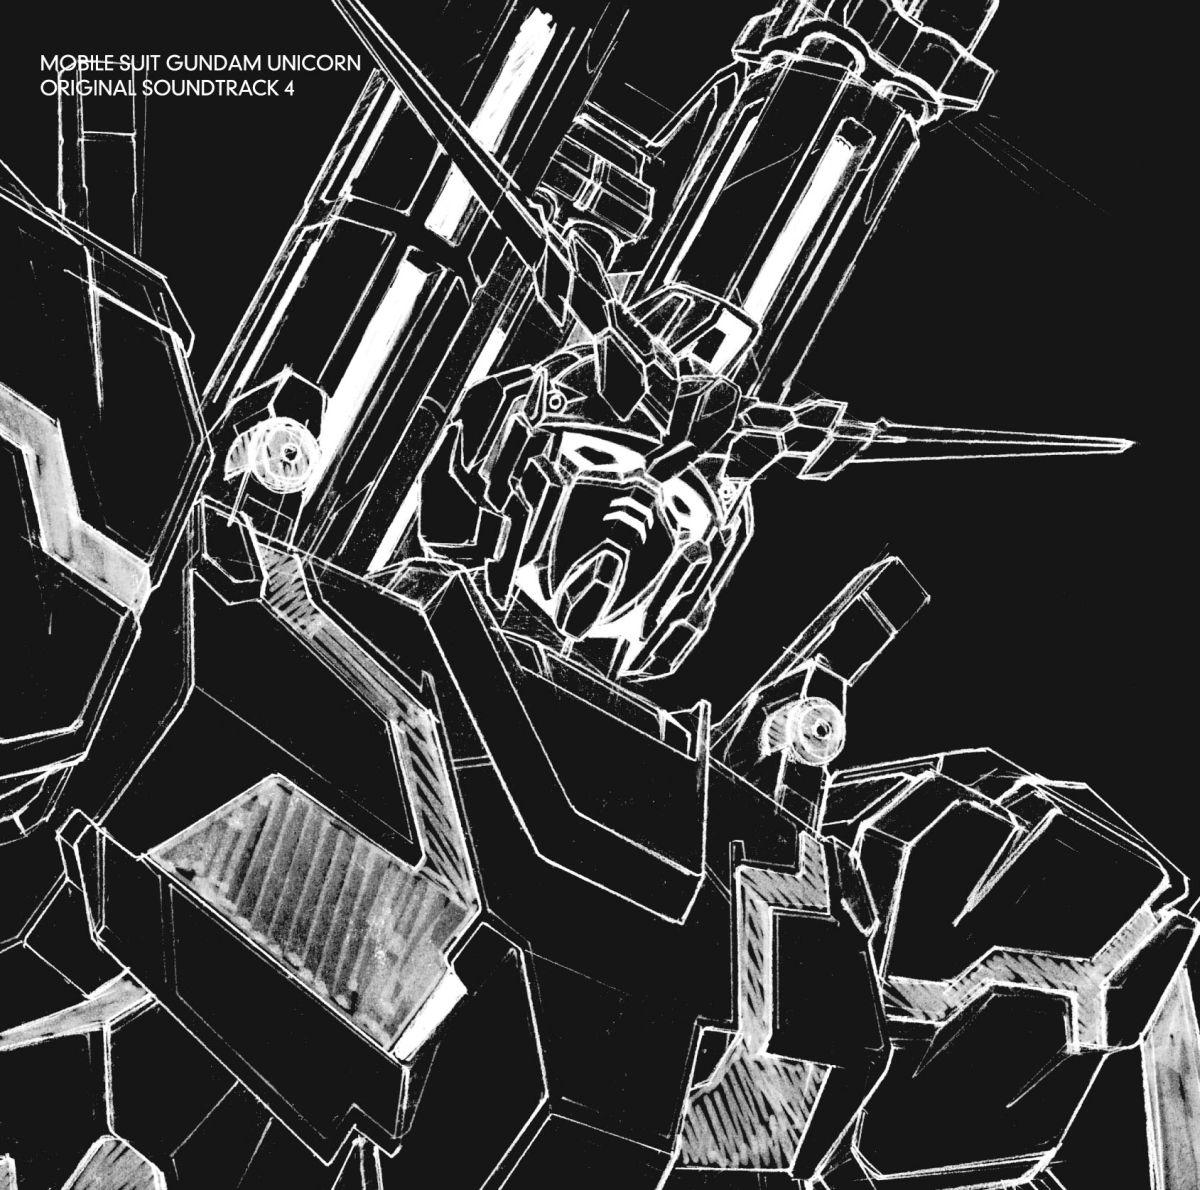 楽天ブックス 機動戦士ガンダムuc オリジナルサウンドトラック4 澤野弘之 Cd